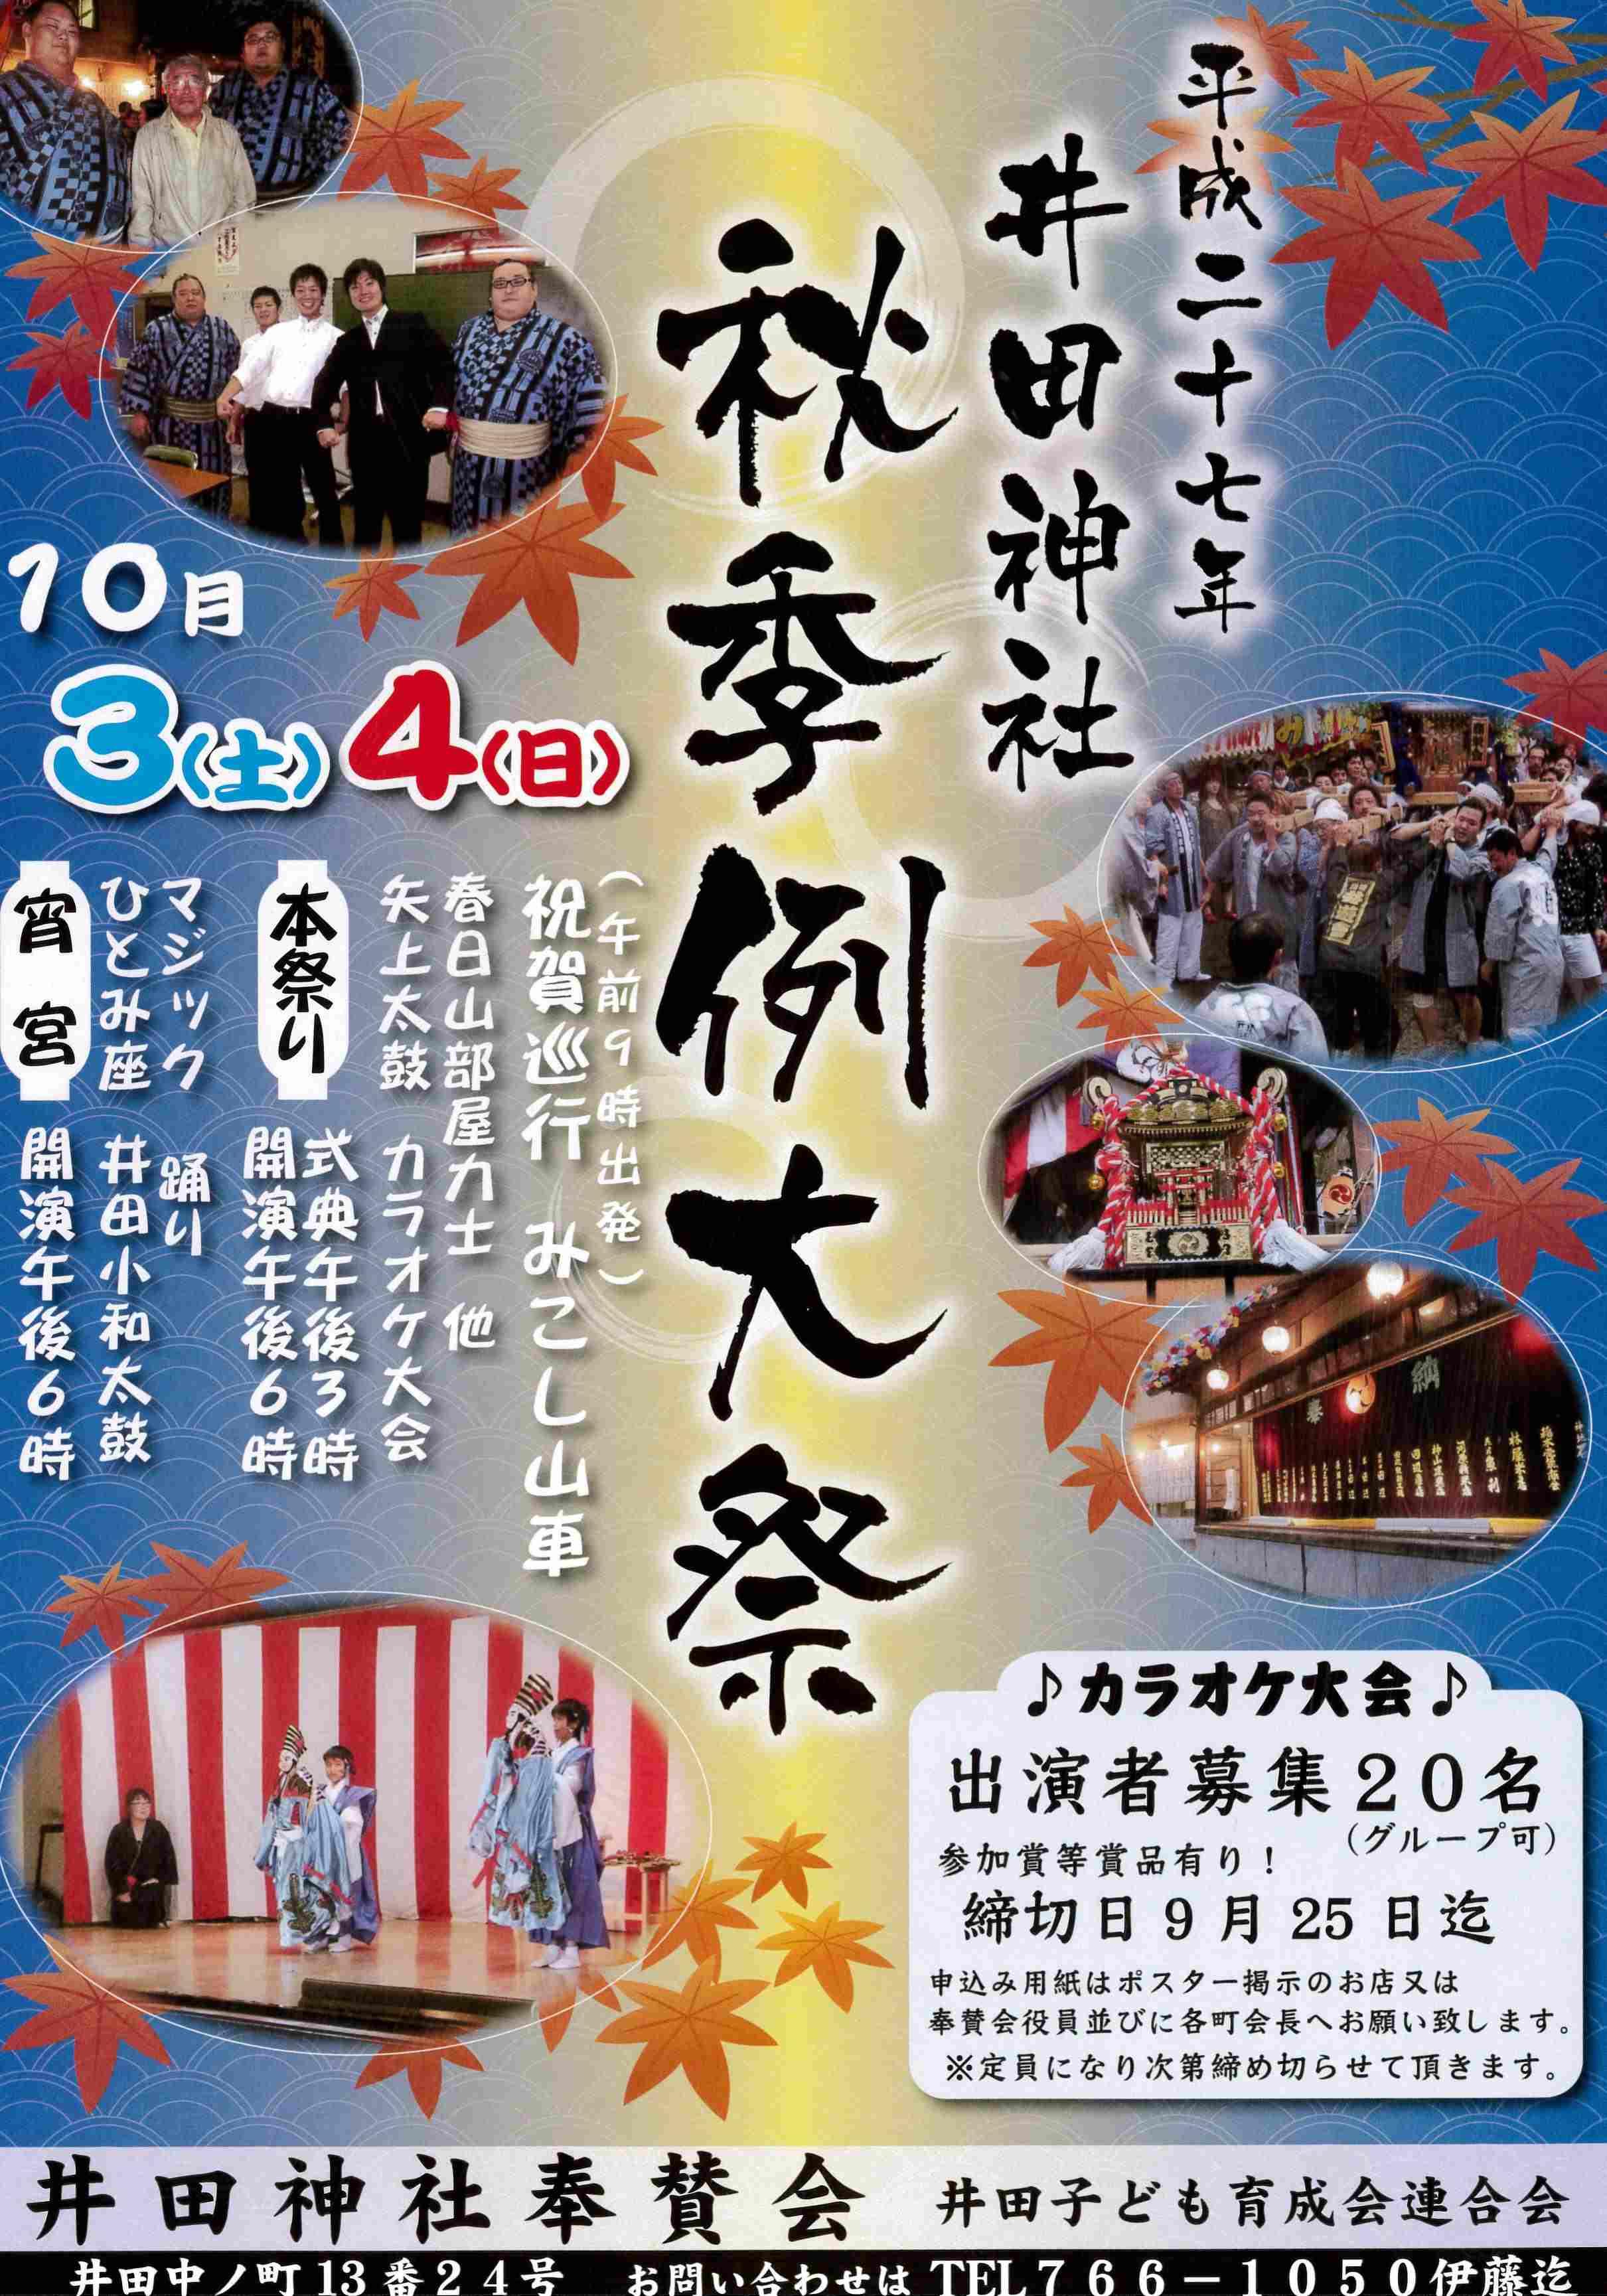 井田神社2015_imgs-400k.jpg